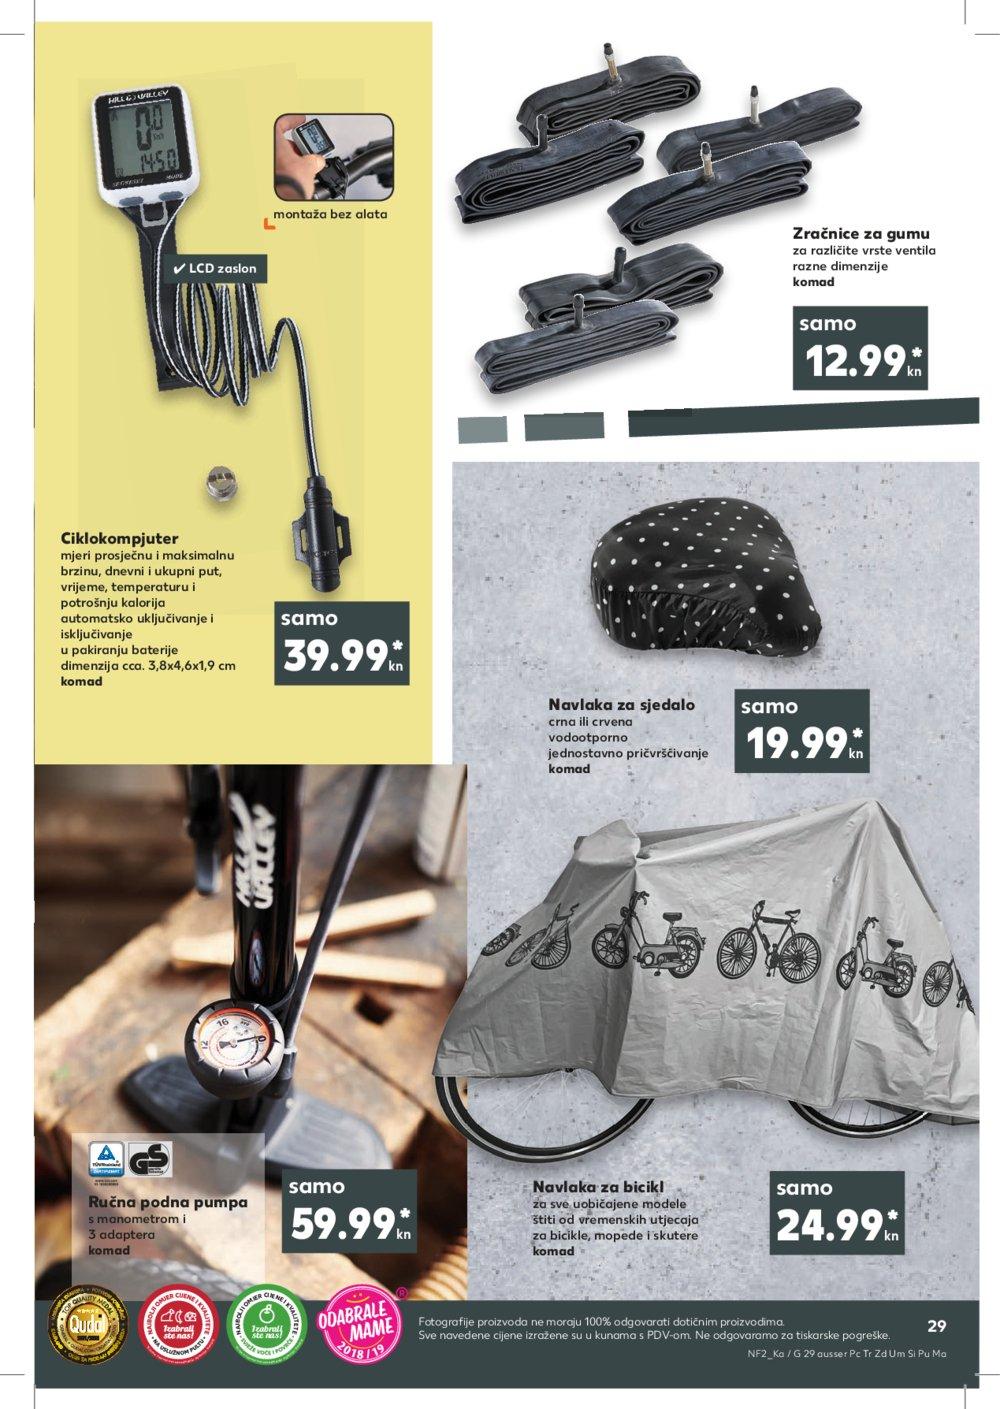 Kaufland katalog Akcija 22.08.-28.08.2019. Dugo Selo Sinj Velika Gorica